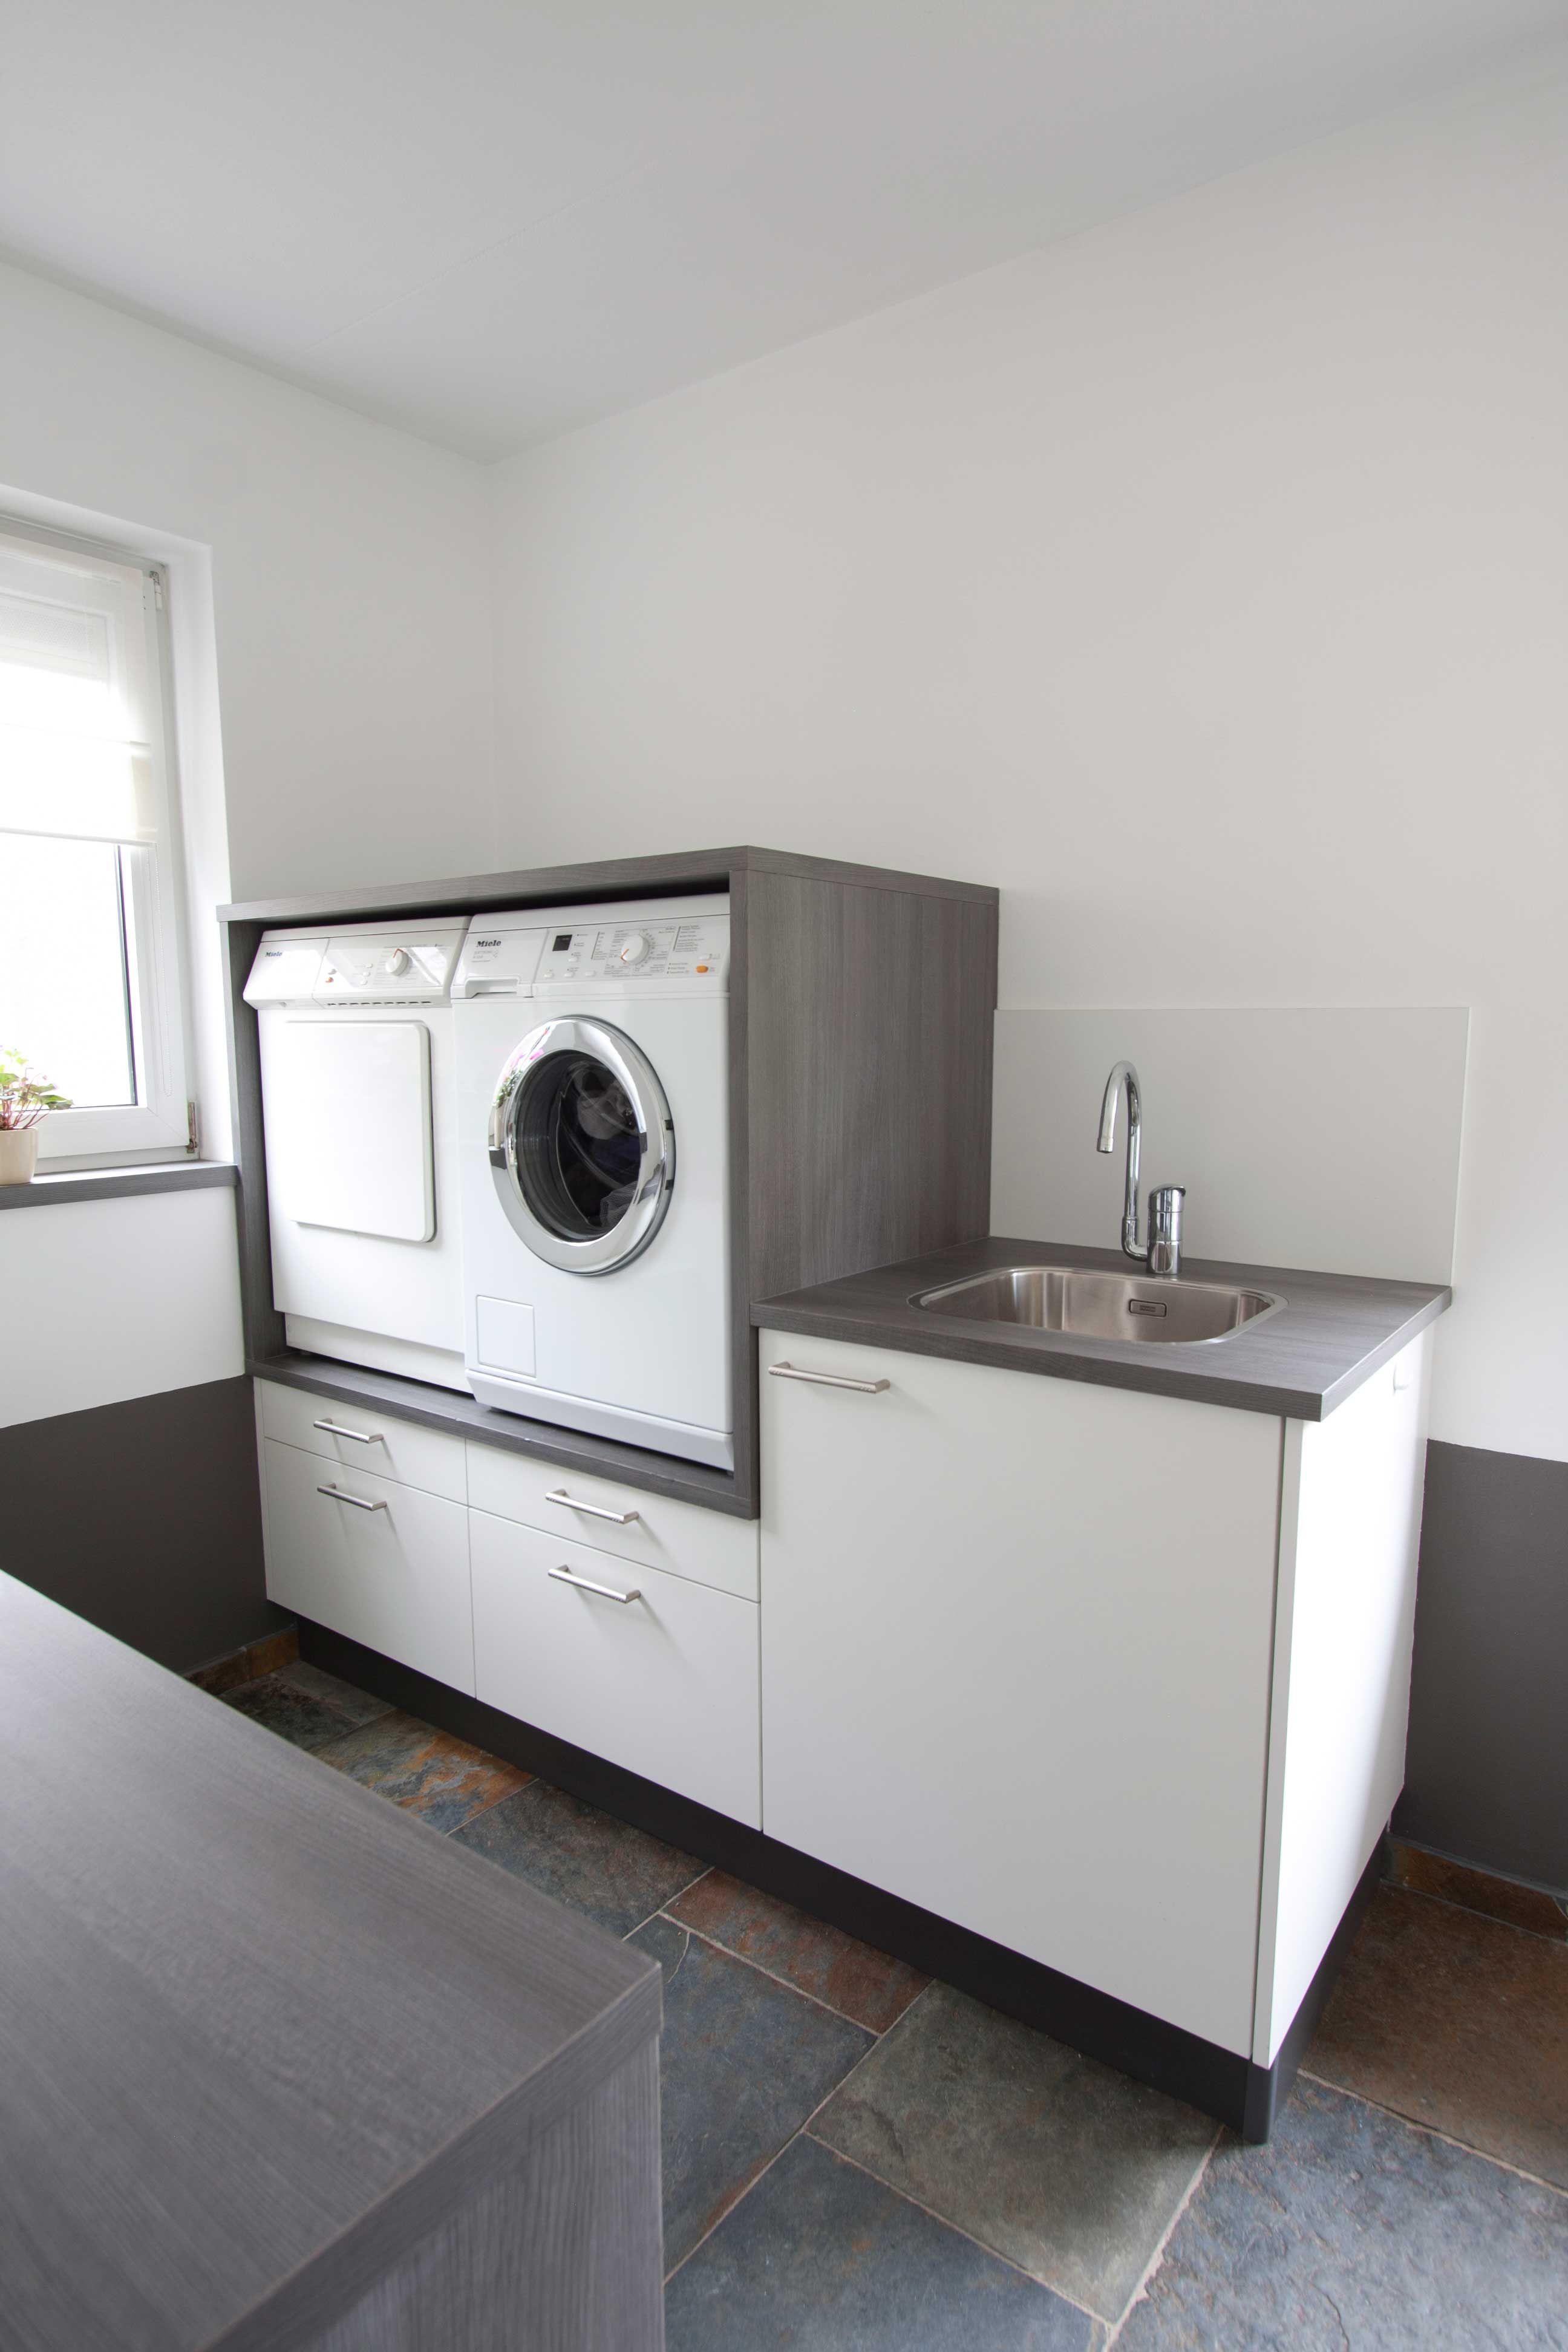 Handig Wasmachine En Droger Op Hoogte Met Daaronder Lades Voor De Was Hauswirtschaftsraum Waschkuchendesign Und Waschkuche